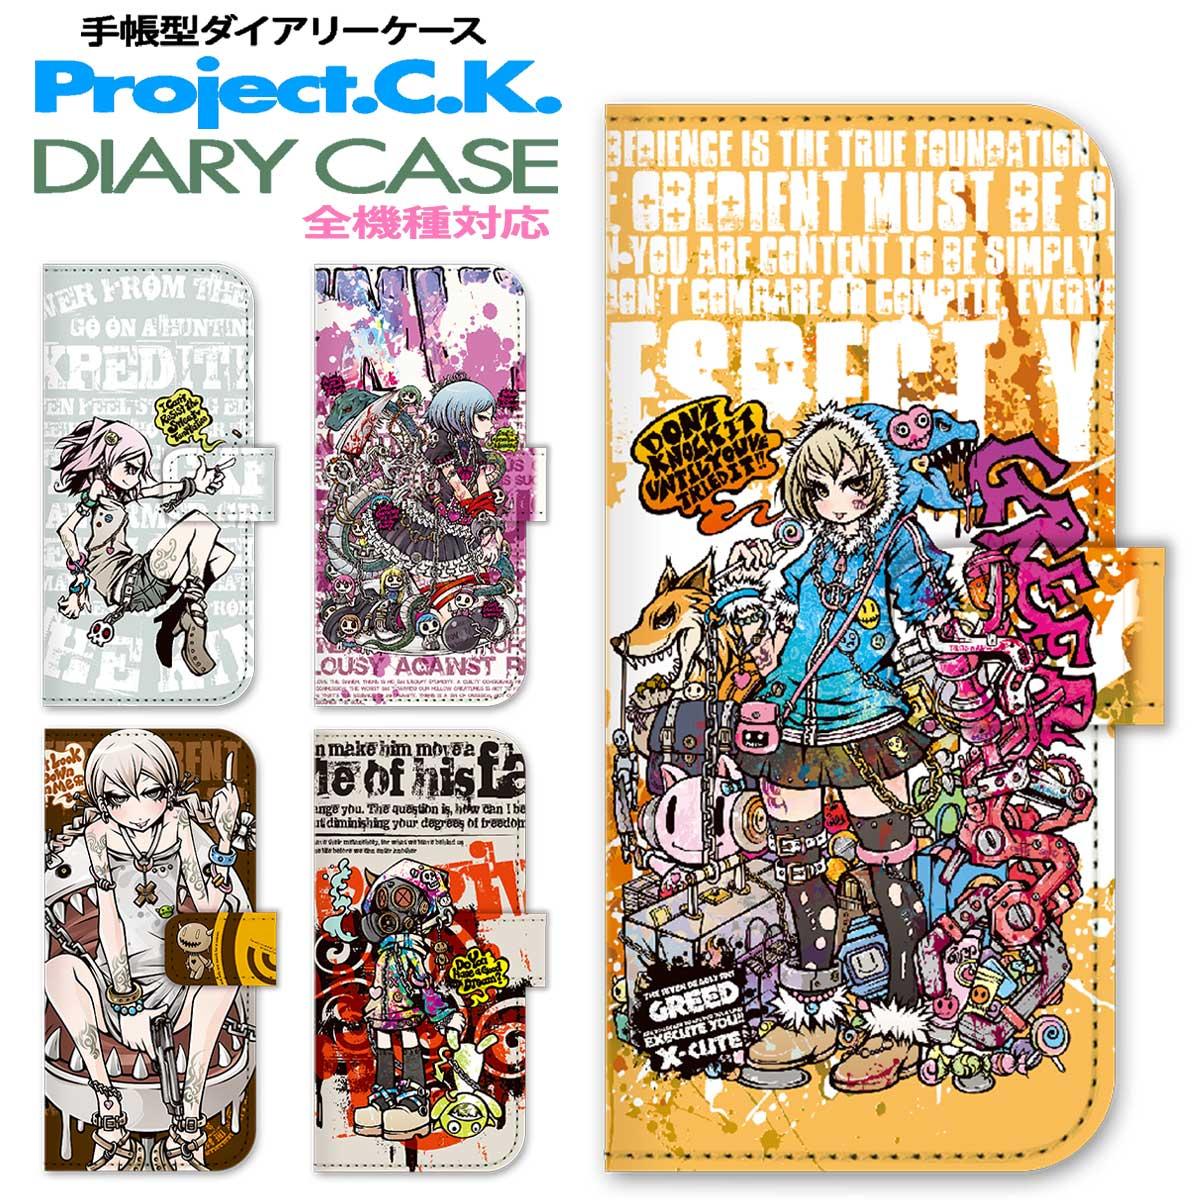 スマホケース 手帳型 全機種対応 手帳 ケース カバー iPhoneXs Max XR iPhoneX iPhone8 ケース iPhone7 iPhone6s Plus iPhone SE Xperia XZ2 SO-03K SO-05K XZ1 SO-01K XZ SO-04J XZs SO-03J aquos R2 sh-04k R sh-03k galaxy S9 S8 99-zen-077